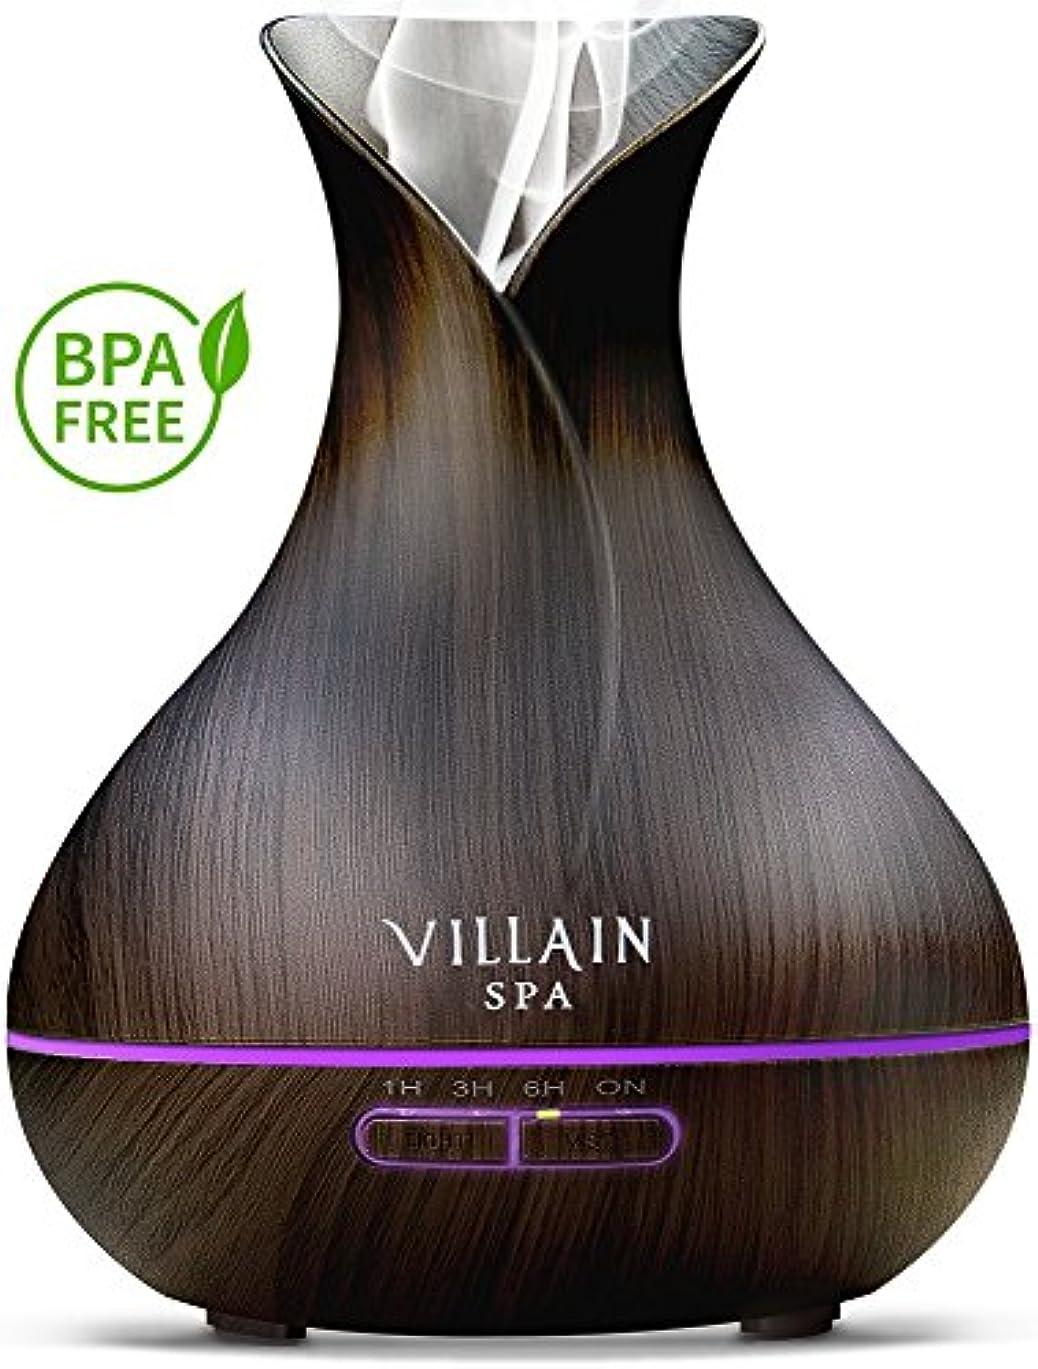 似ている有限構築するVillain Spa超音波アロマエッセンシャルオイルディフューザー、400 ml木目クールミスト加湿器with 7 LEDライトの色変更、ミストコントロール、自動オフ、8 - 12 HR。ミスト